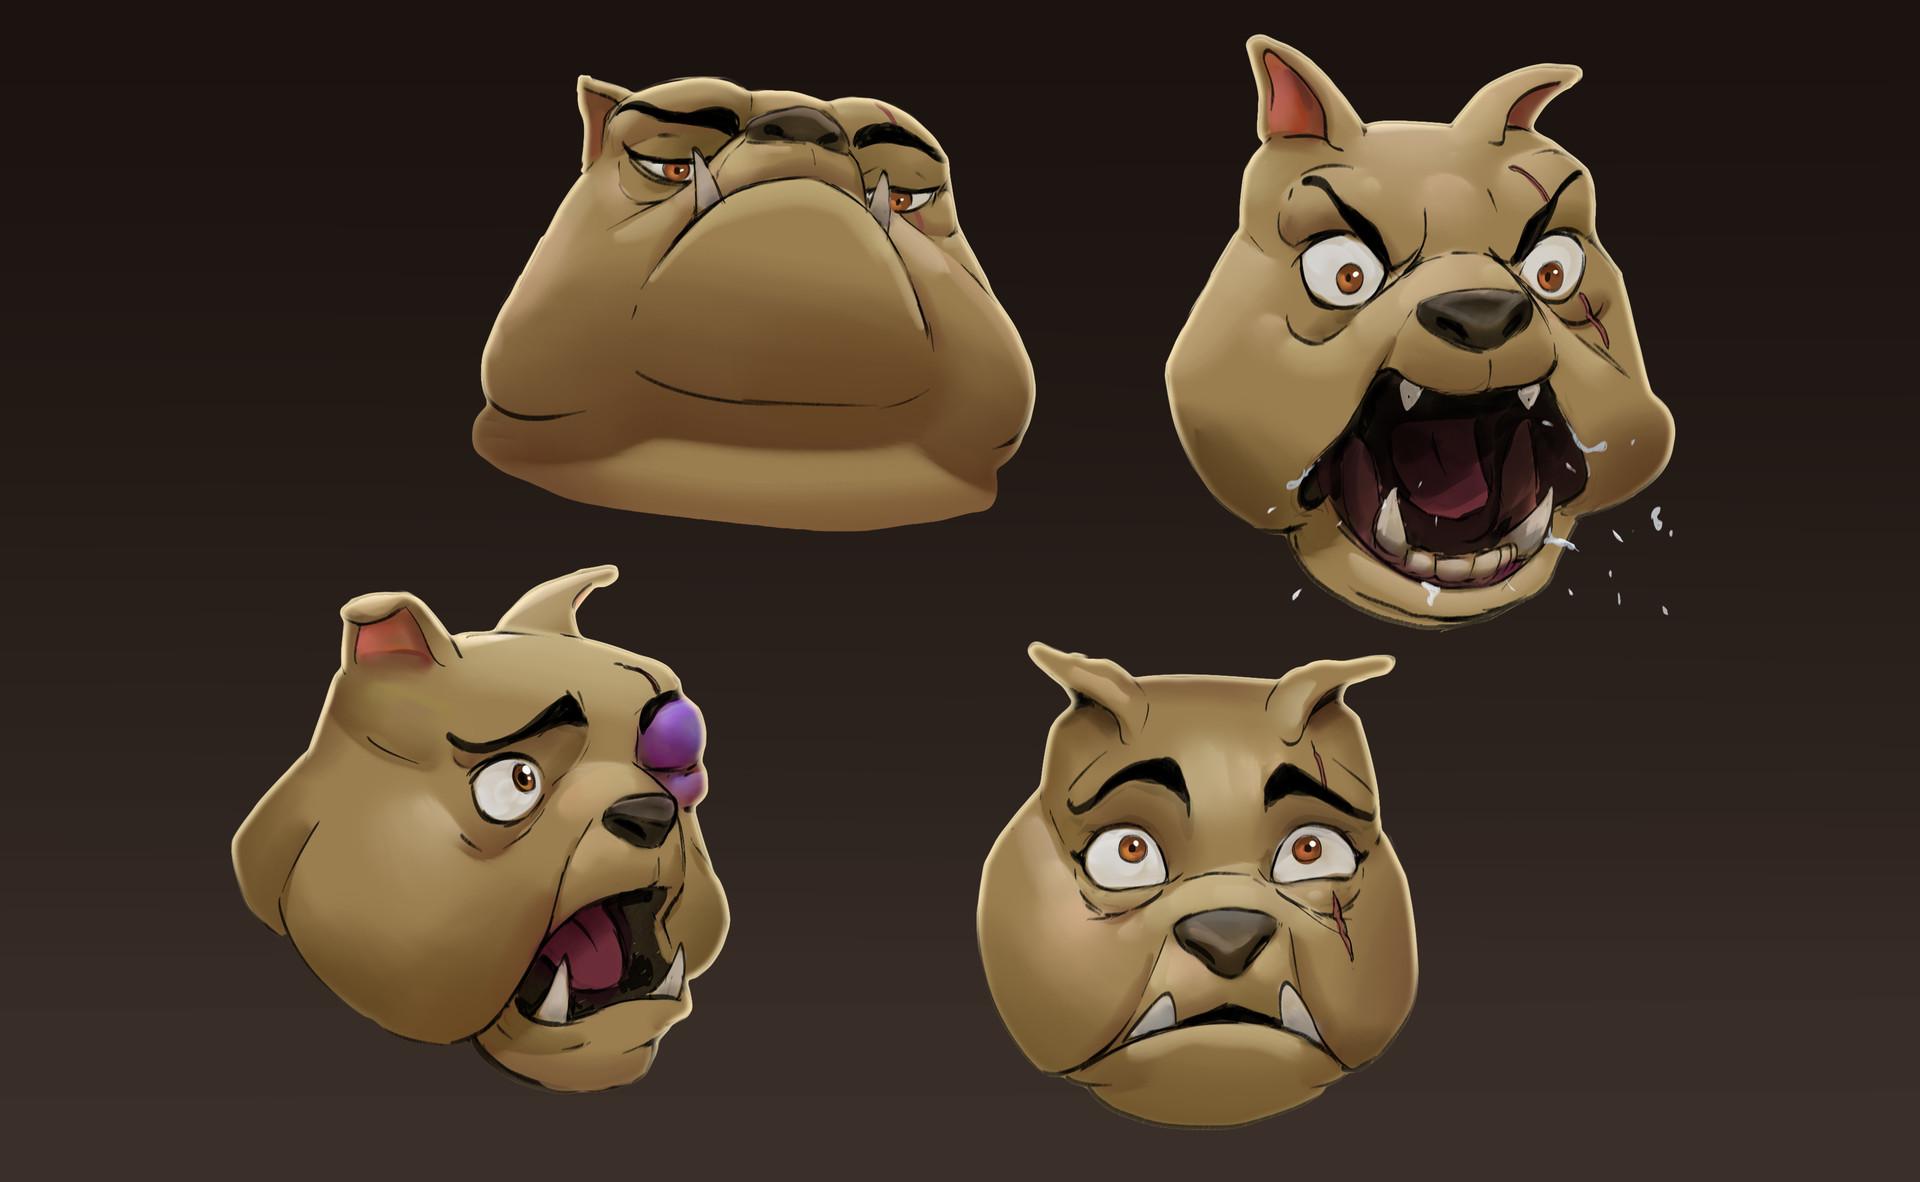 Loic liok bramoulle smks bulldog 001 facial